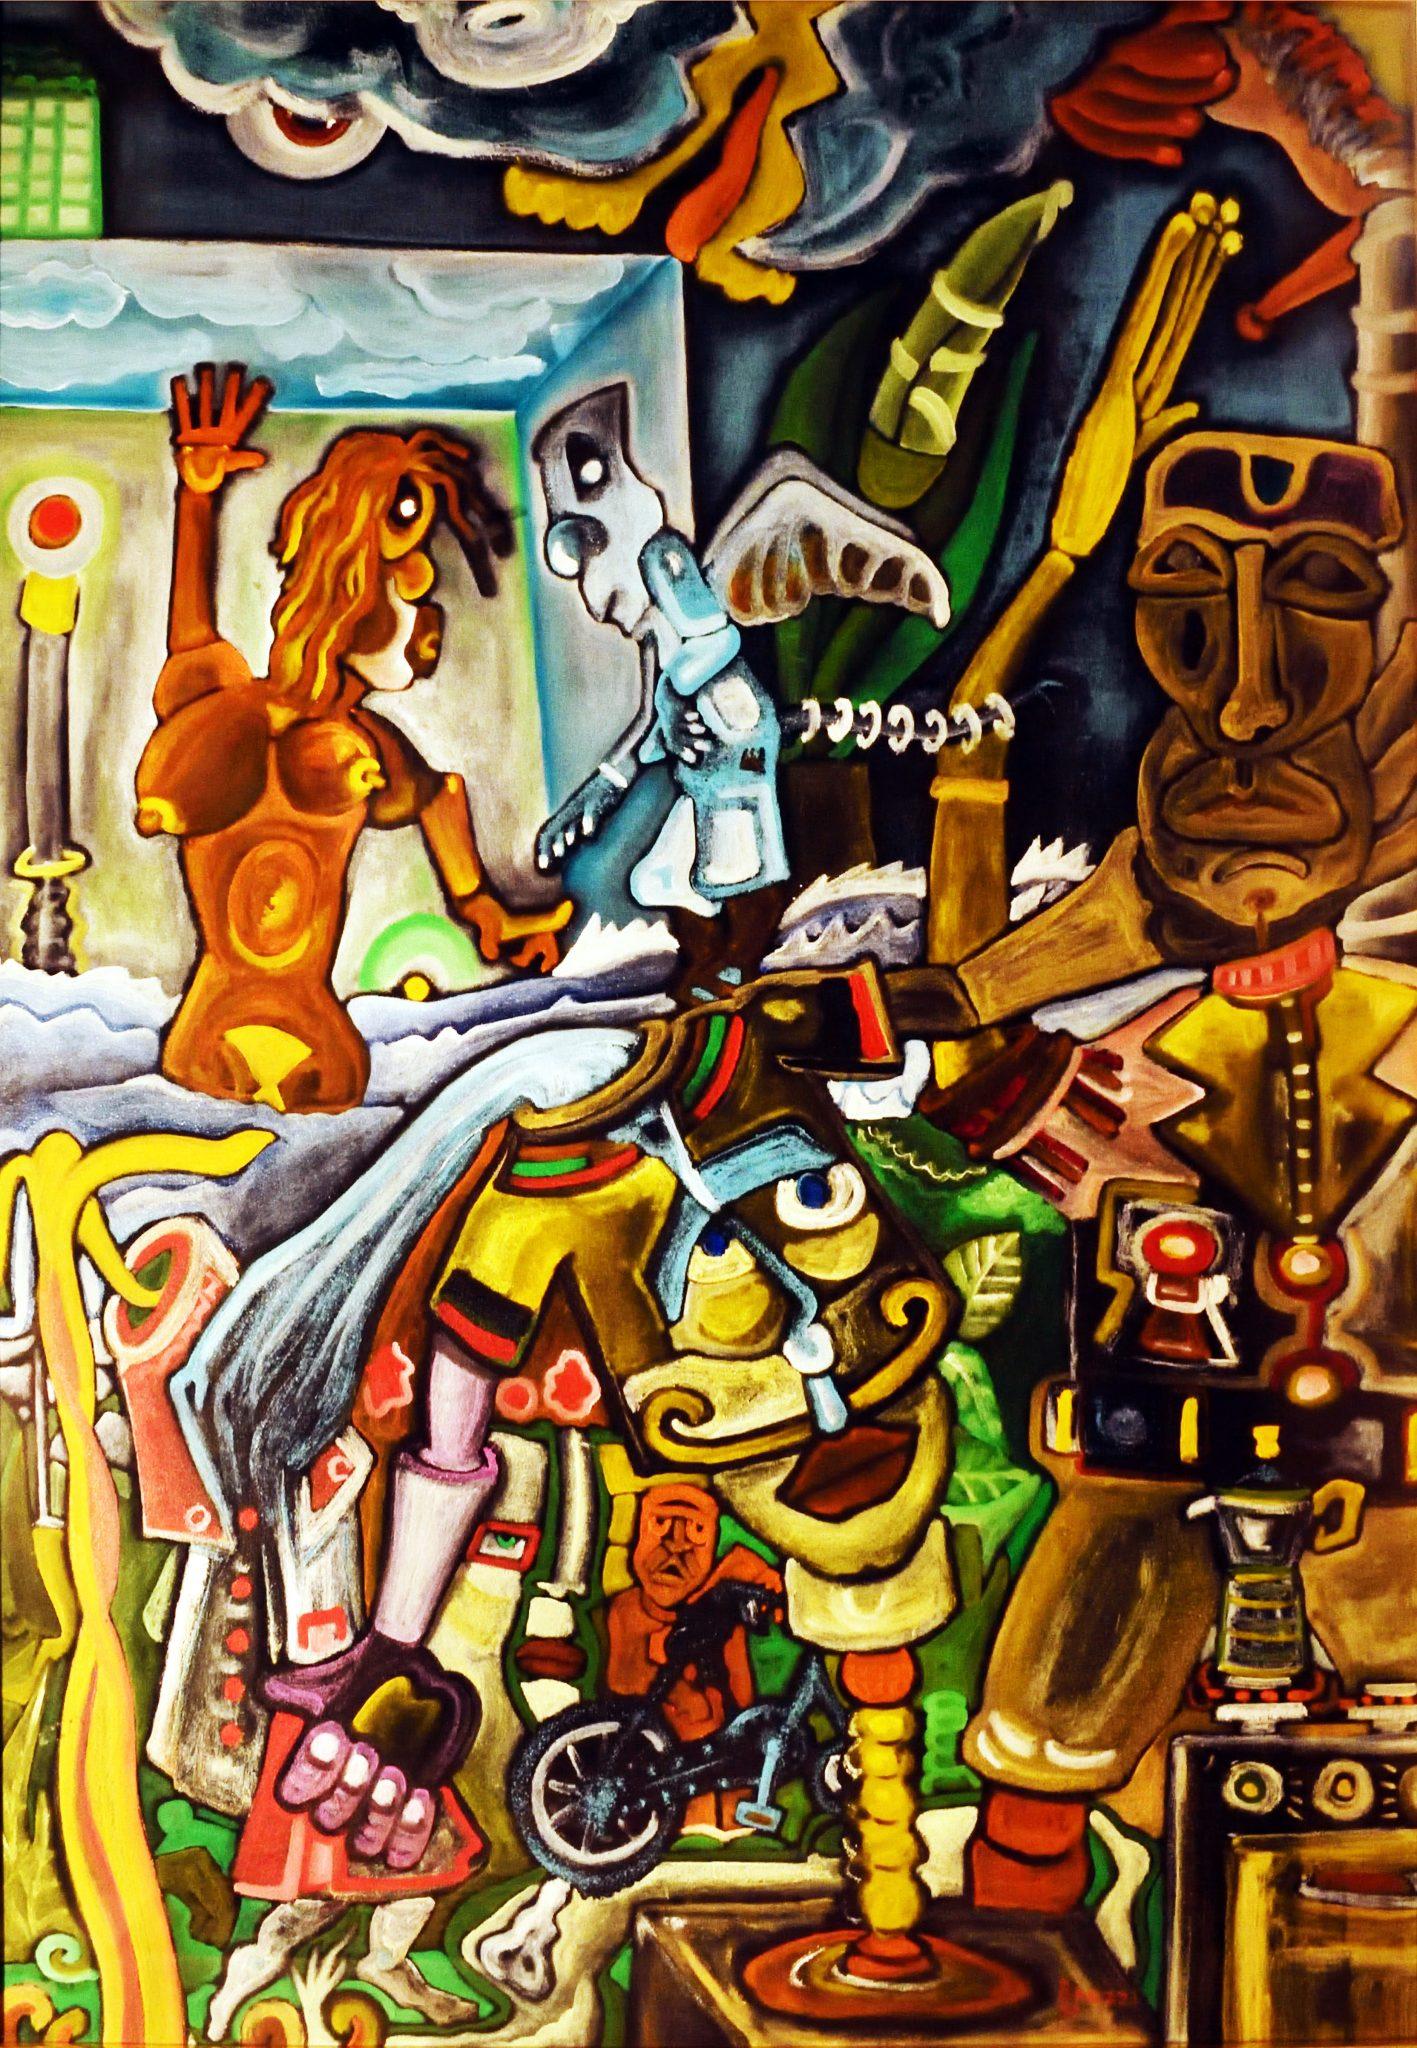 Marco Brozzi e l'arte angosciante della realtà